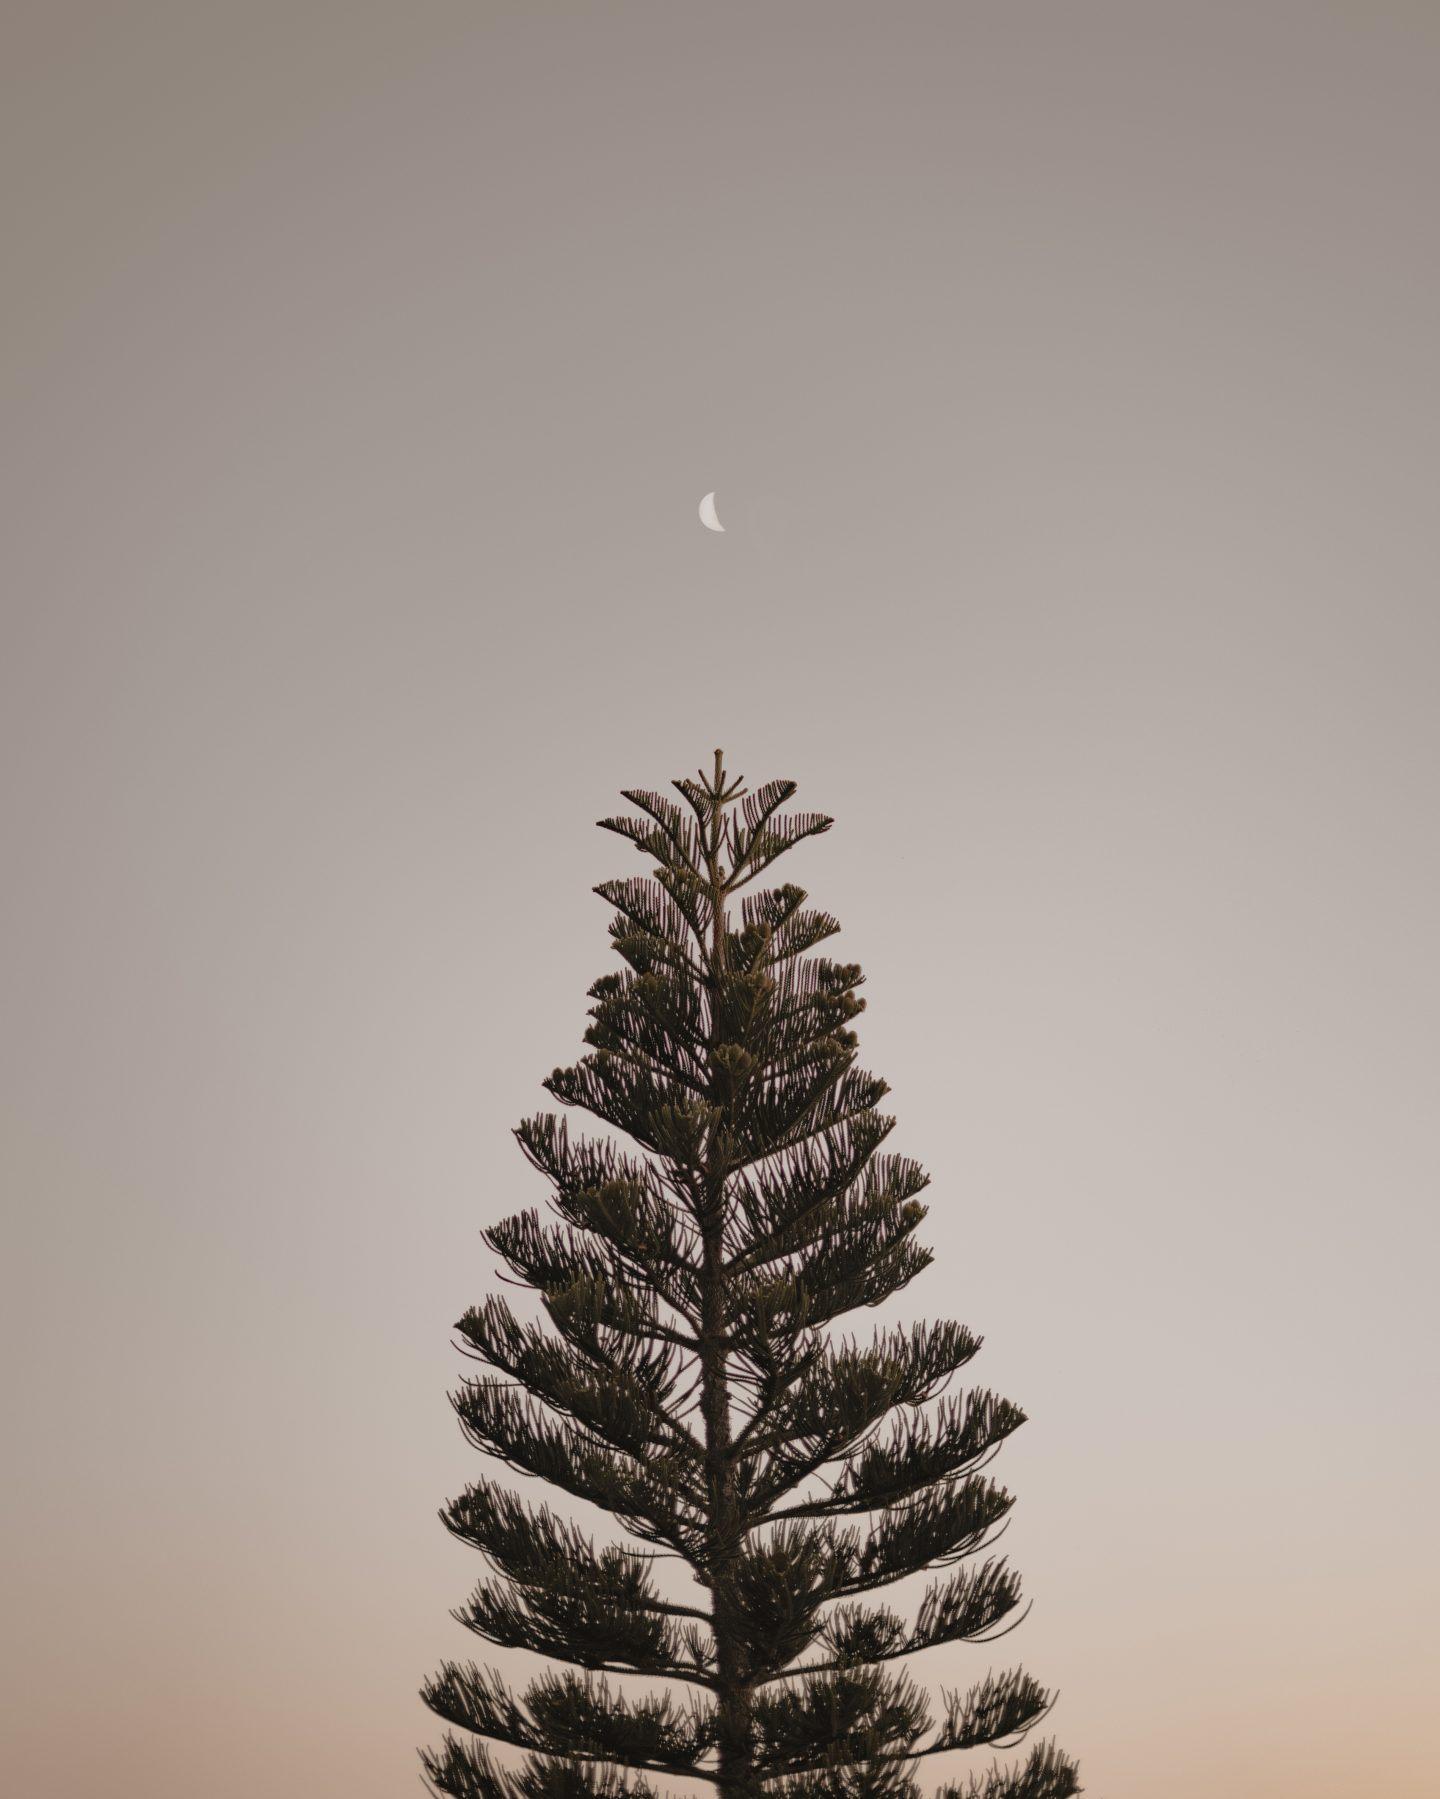 IGNANT-Photography-Paez-1